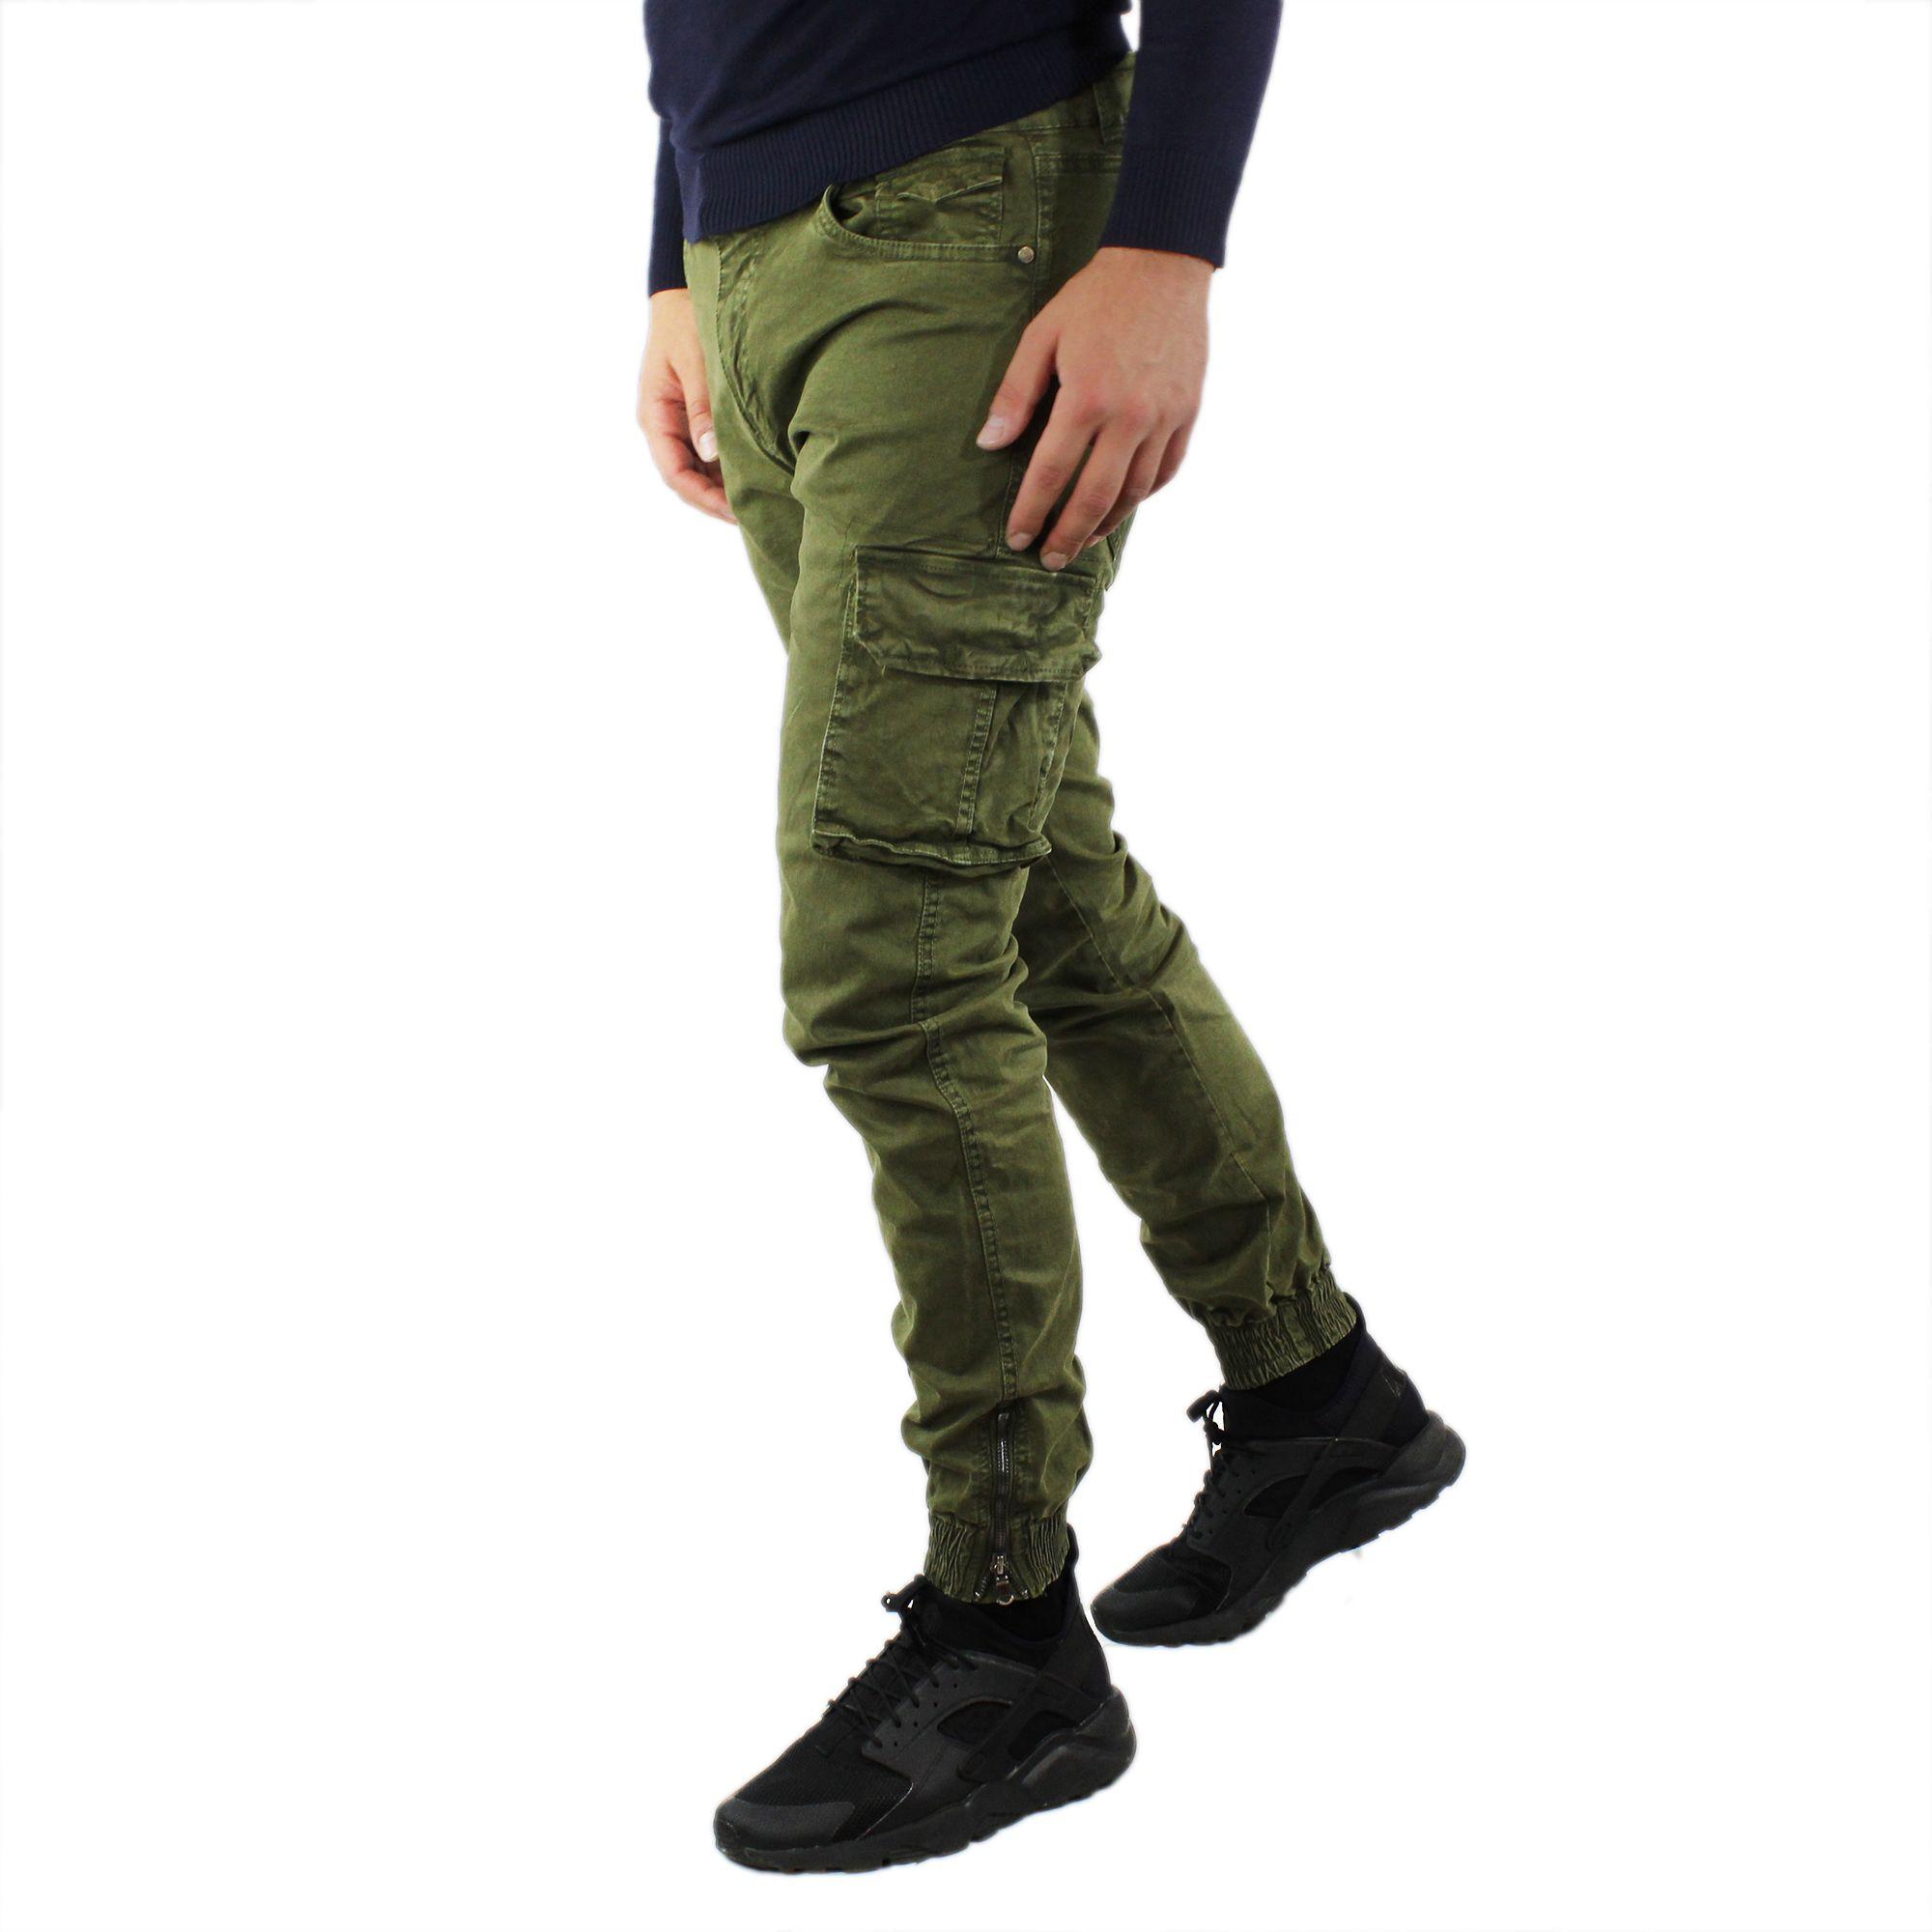 Pantaloni-Cargo-Uomo-Invernale-Tasche-Laterali-Cotone-Slim-Fit-Tasconi-Casual miniatura 12